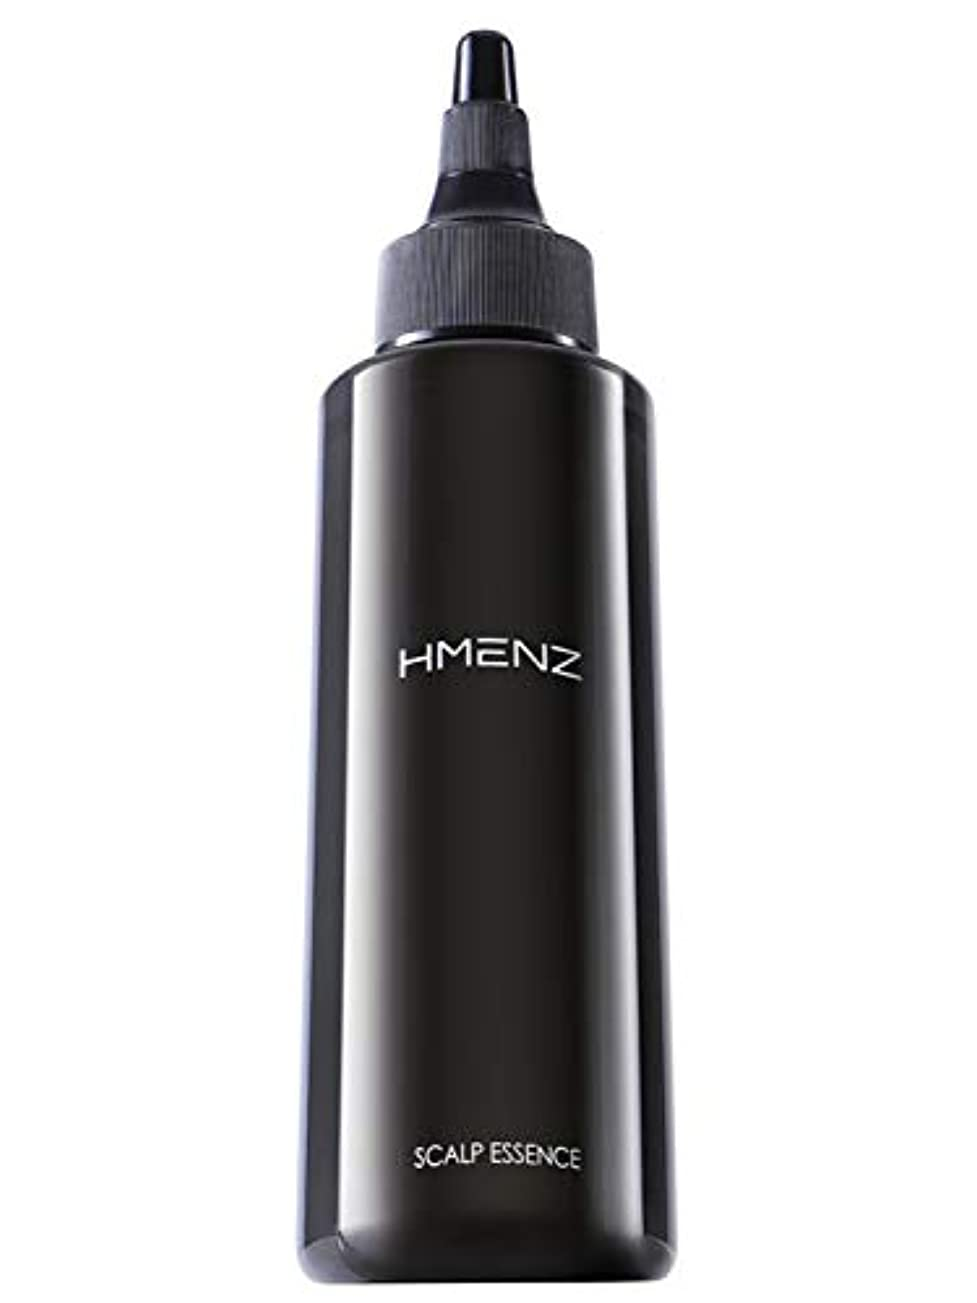 約留め金惨めな医薬部外品 HMENZ メンズ 育毛剤 スカルプエッセンス 毛髪エイジングケアシリーズ 和漢根 海藻配合 育毛トニック 120ml